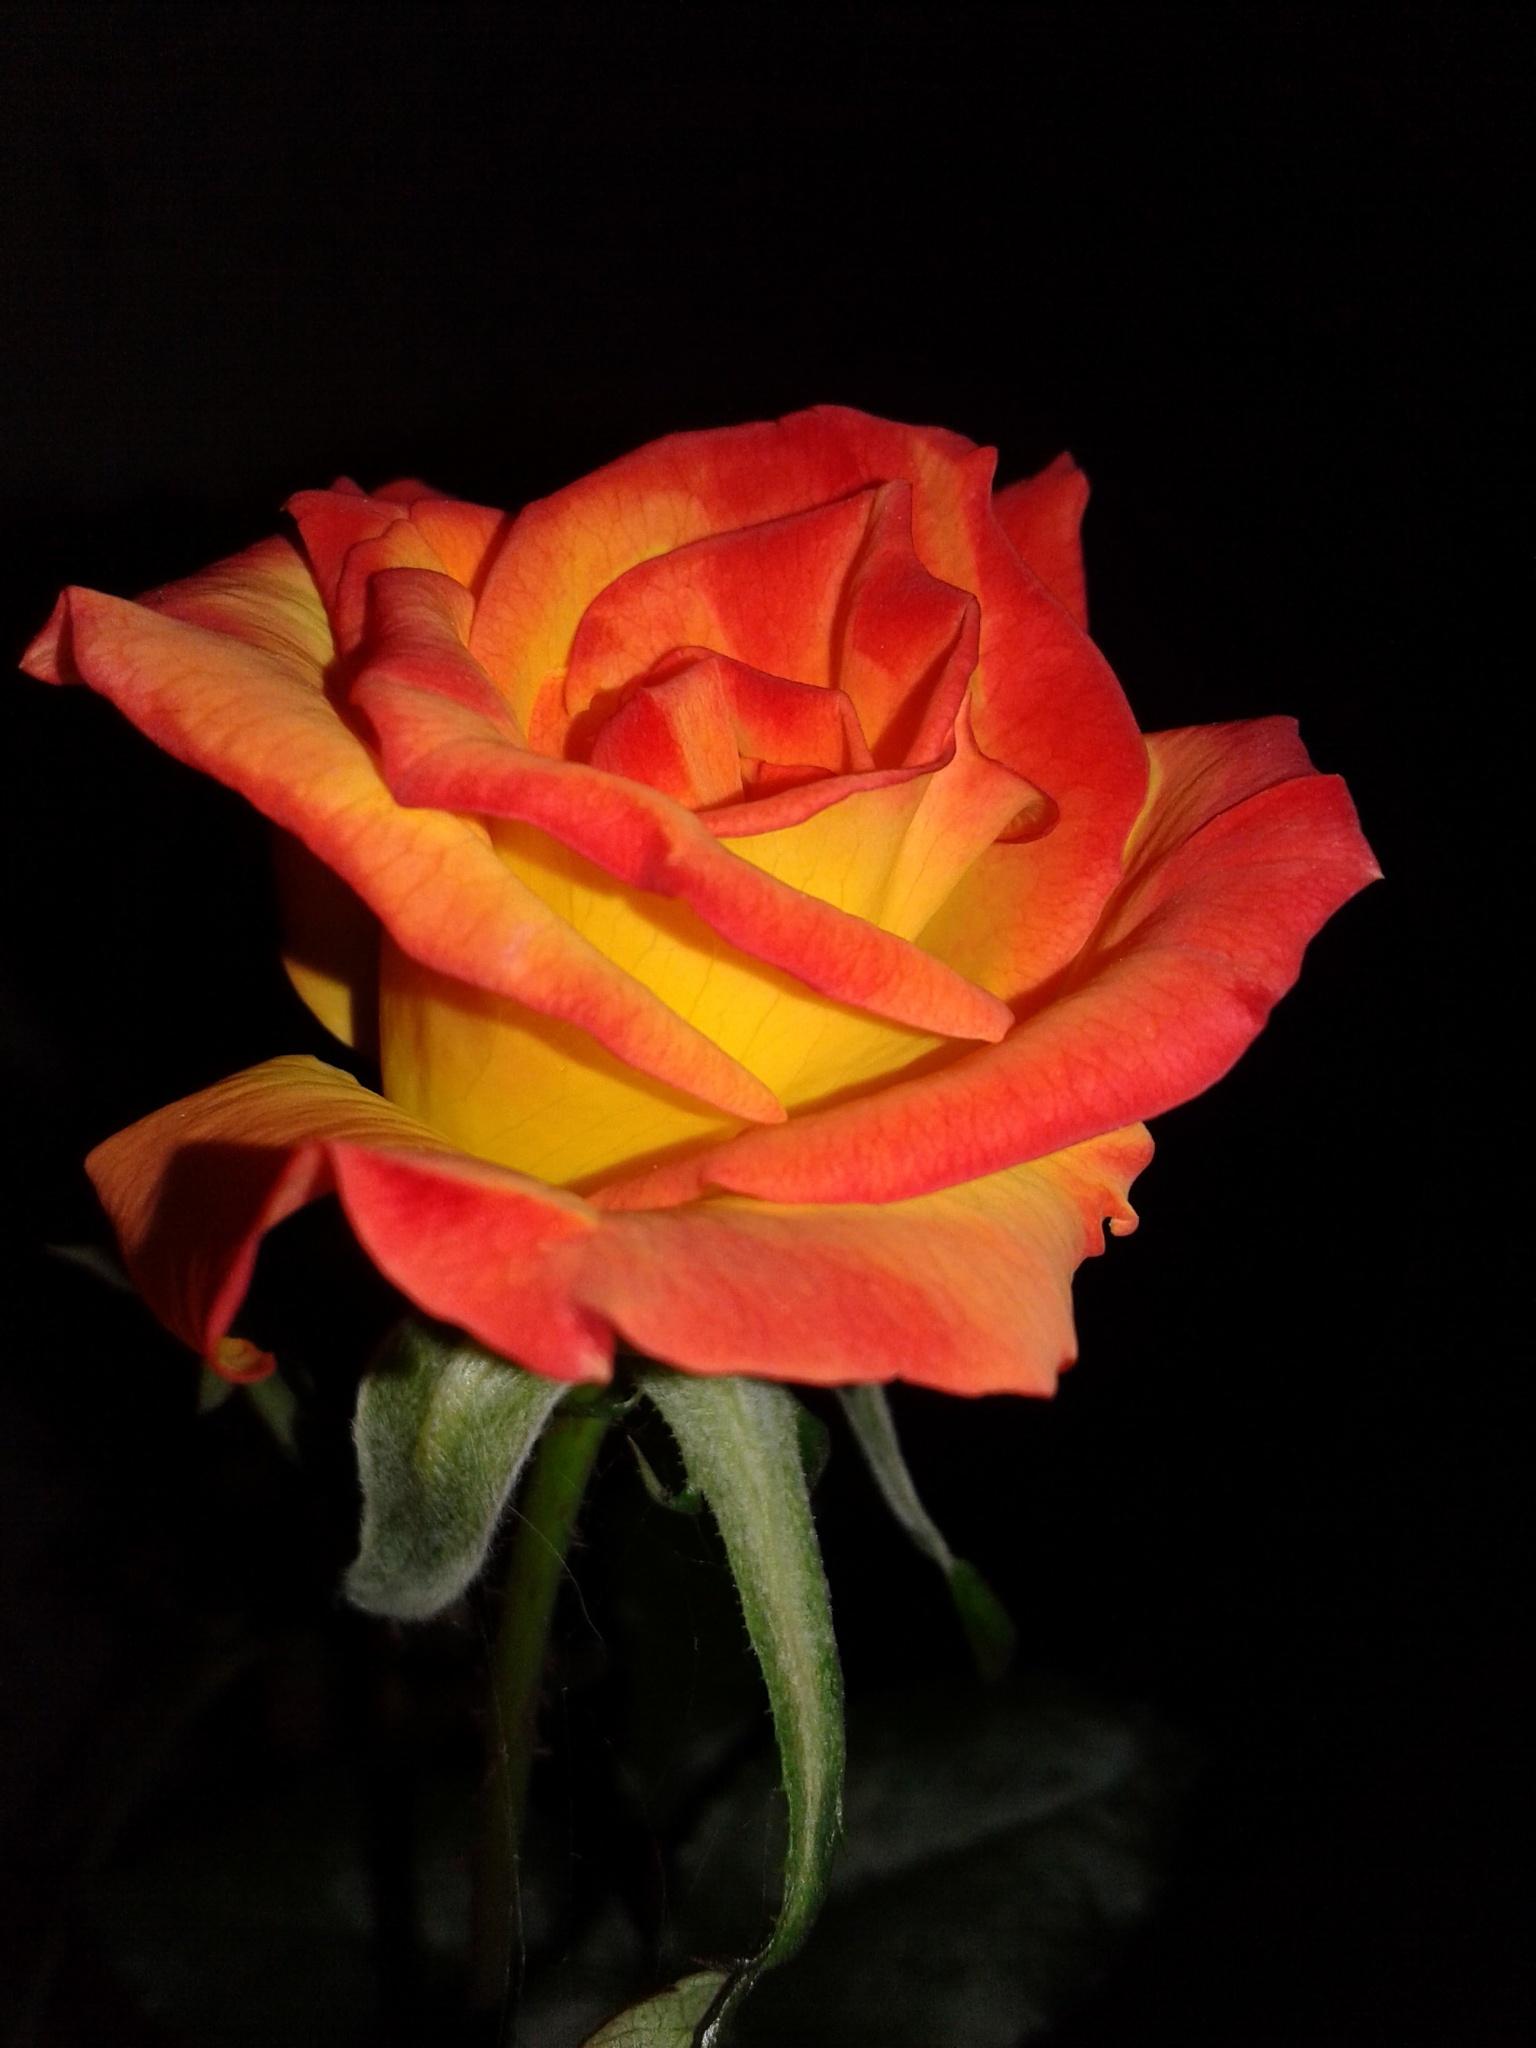 the Rose by mohammadjahanaray1998